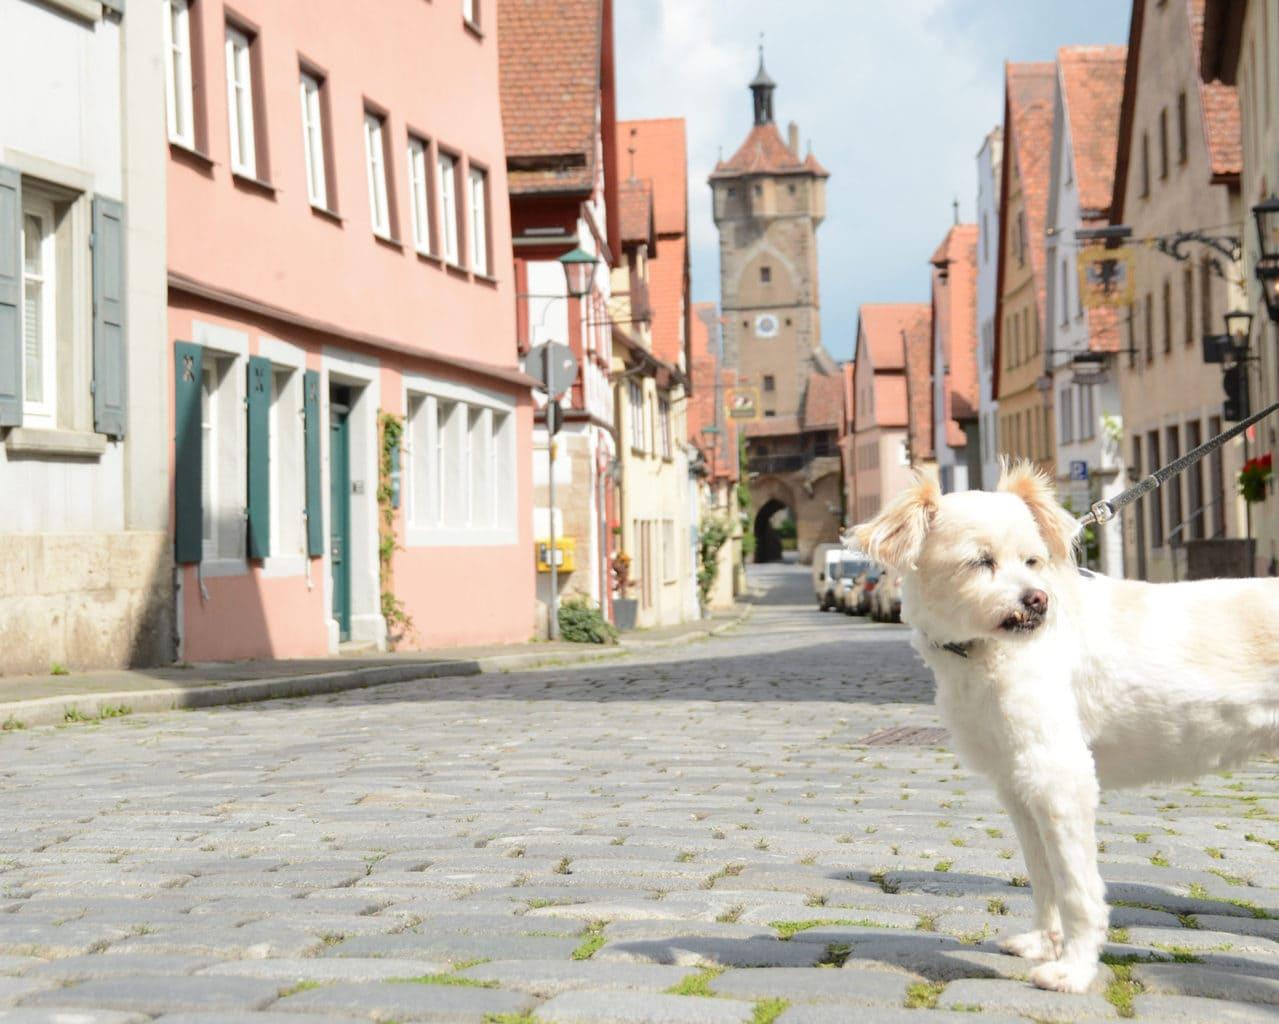 Een hond op de kasseien in Rothenburg ob der Tauber met een stadspoort op de achtergrond